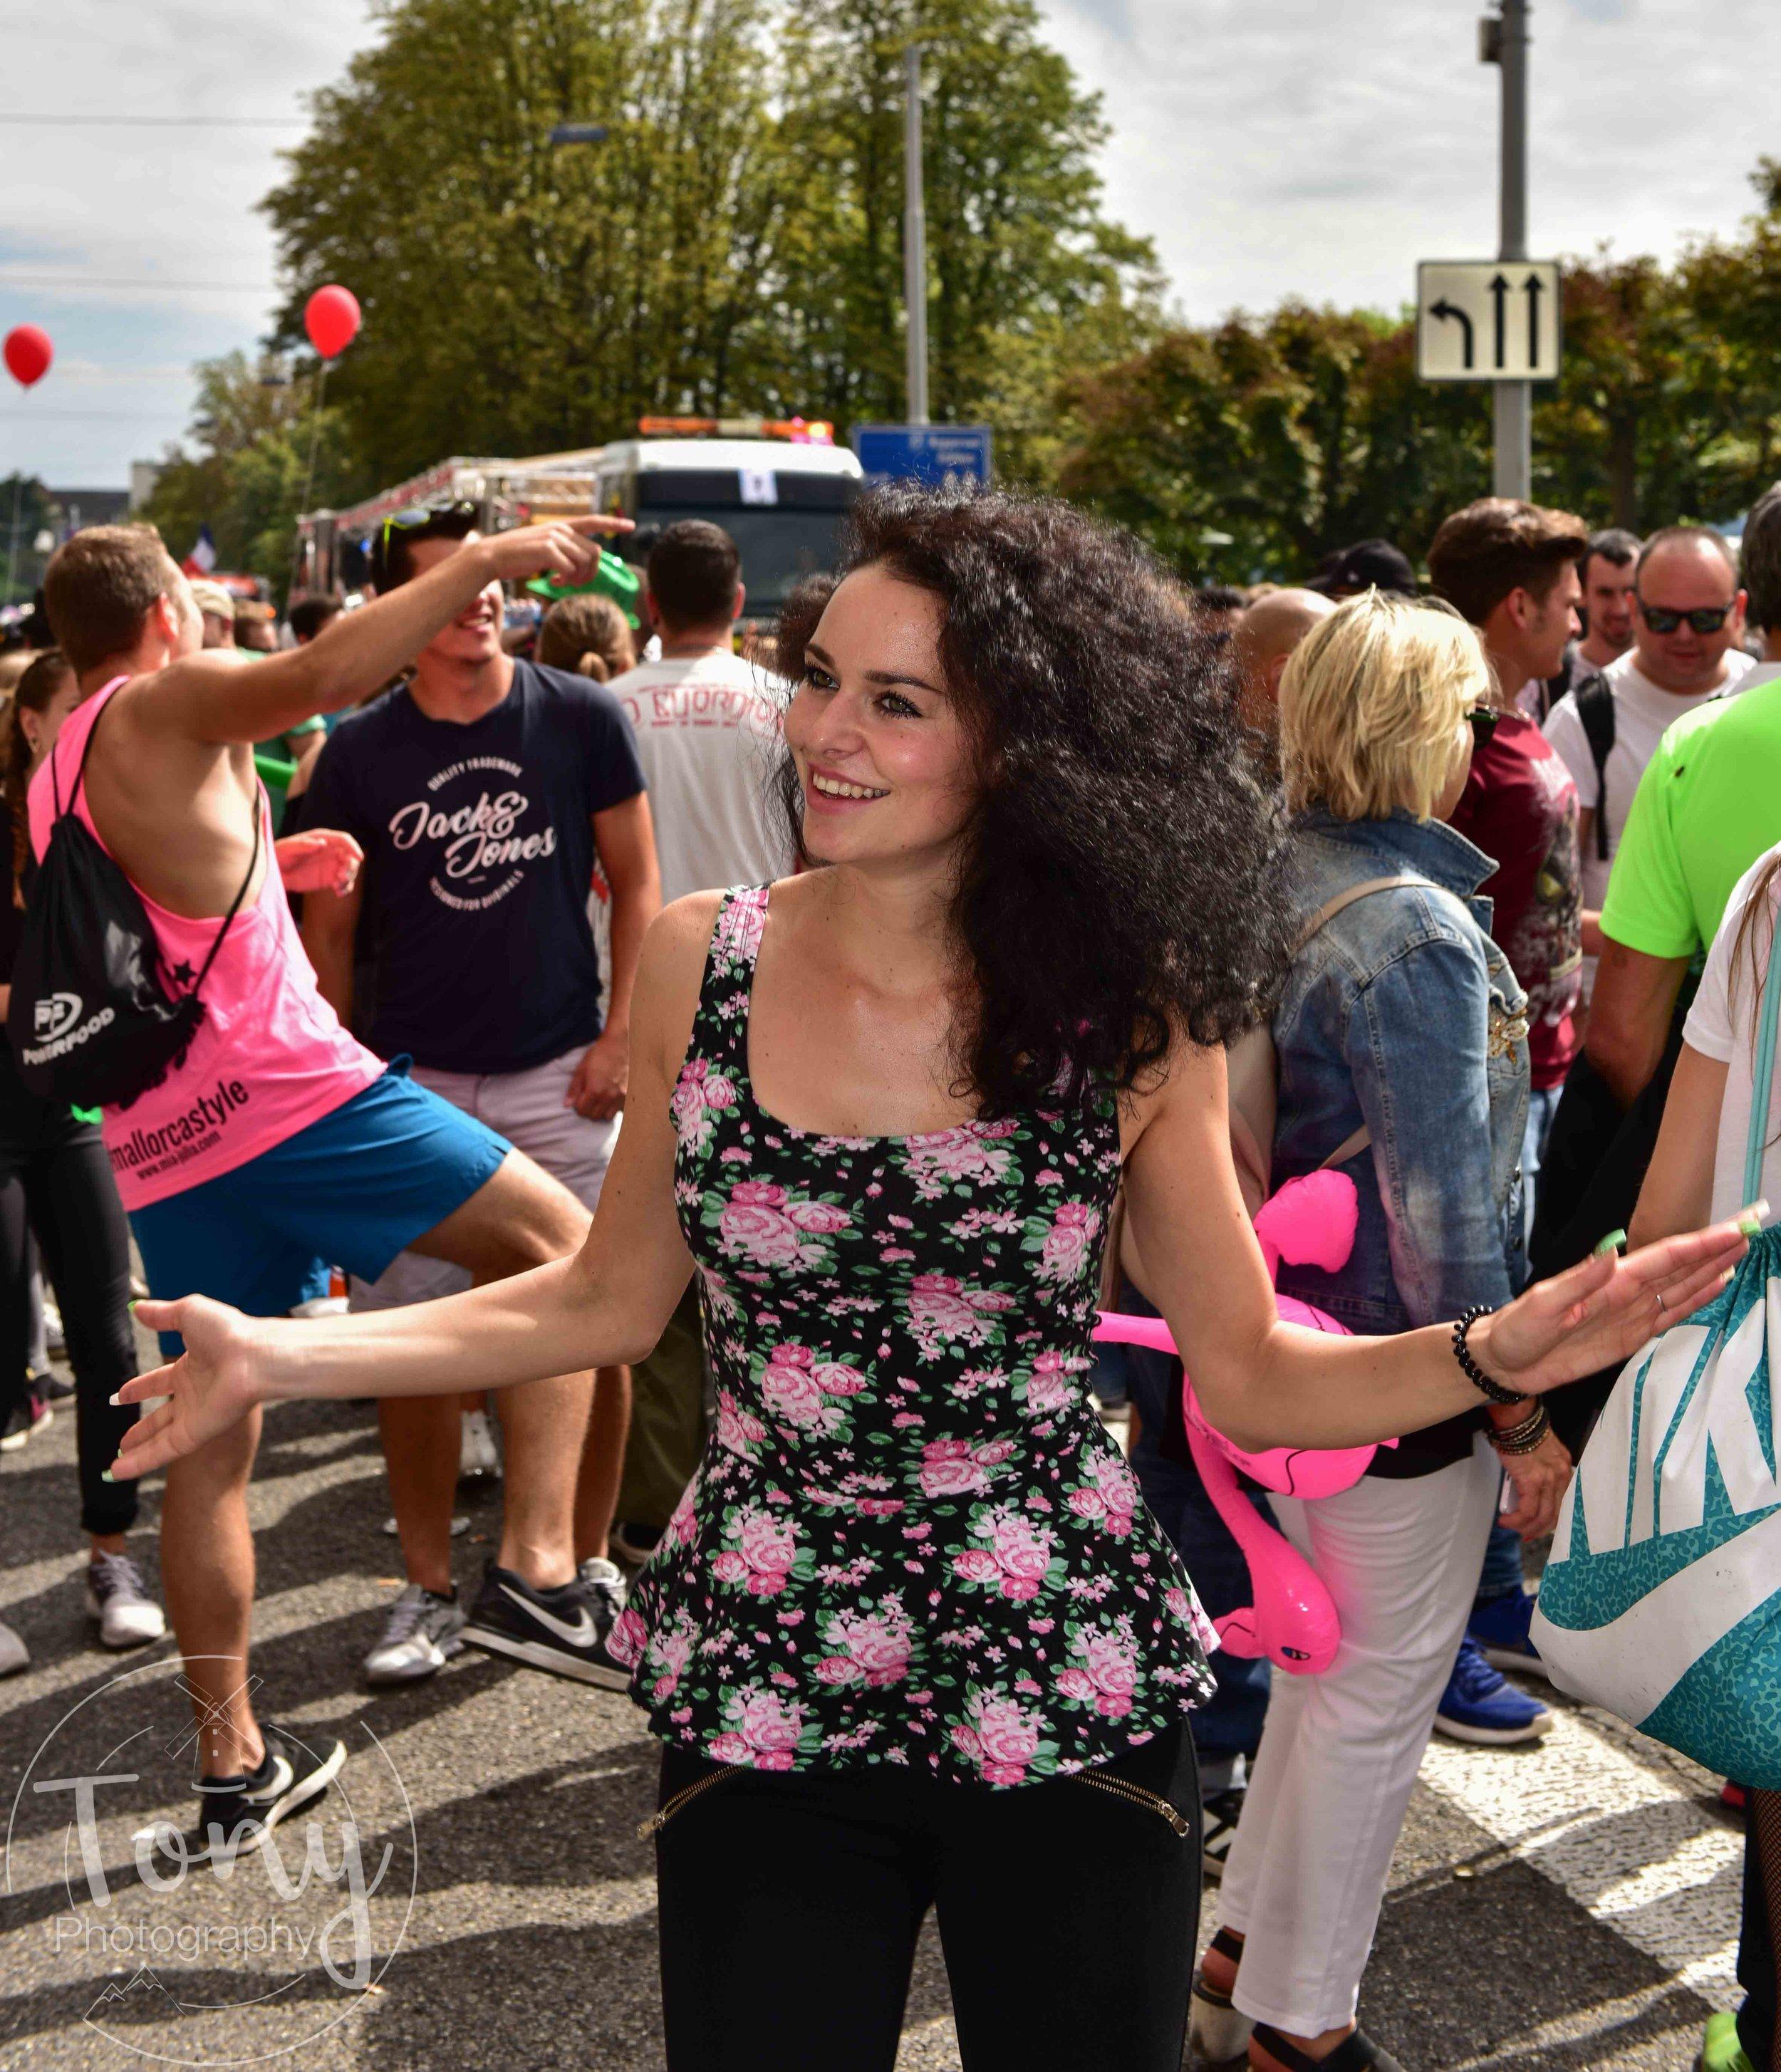 streetparade-112.jpg